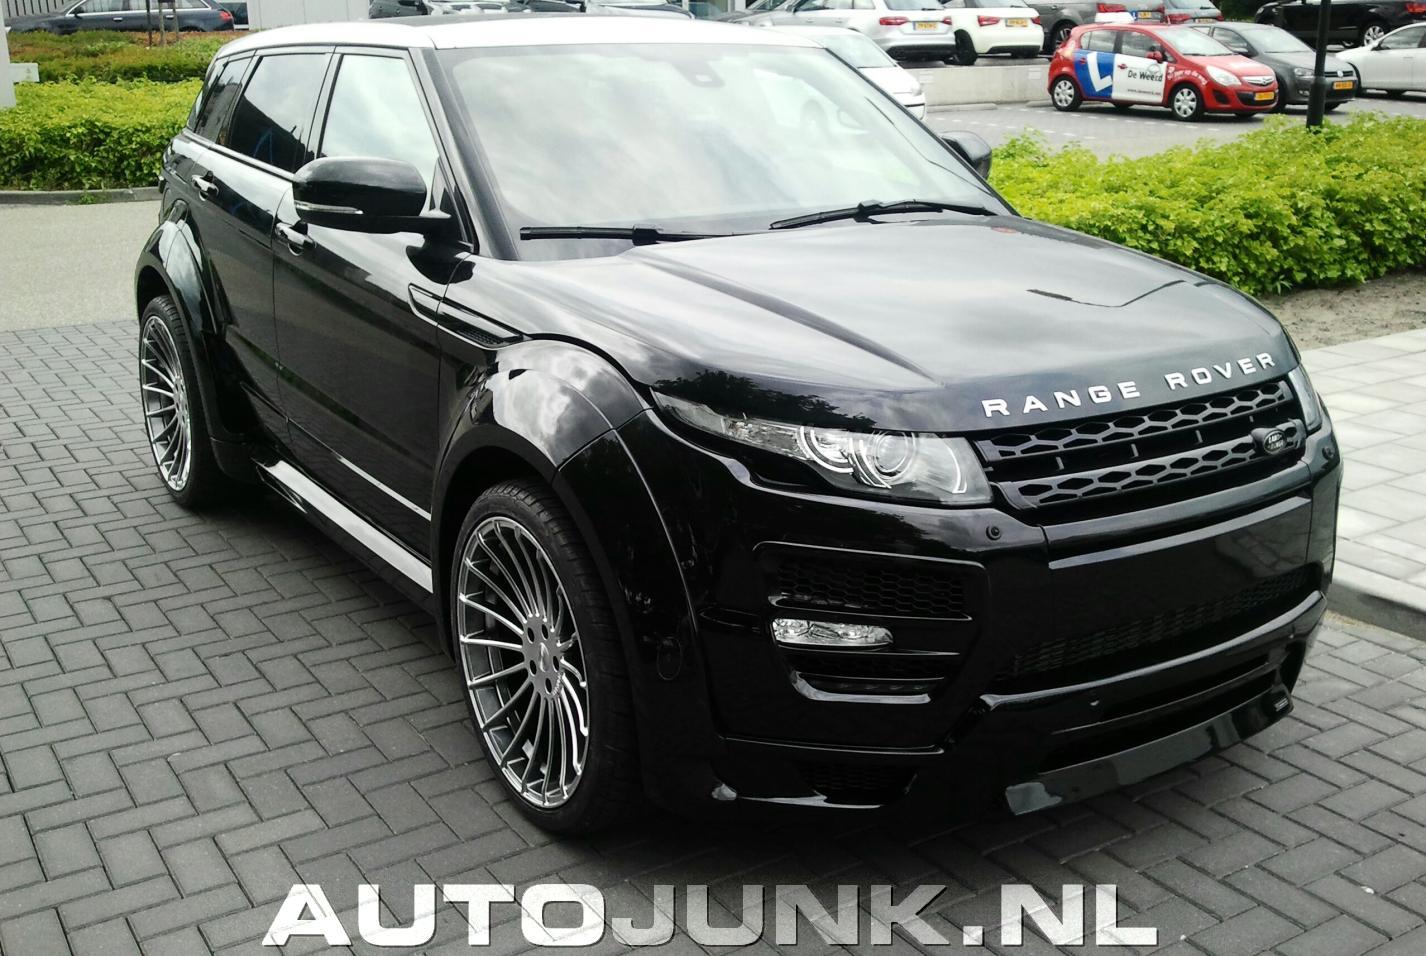 Beroemd Super dikke Range Rover Evoque foto's » Autojunk.nl (130621) UQ32